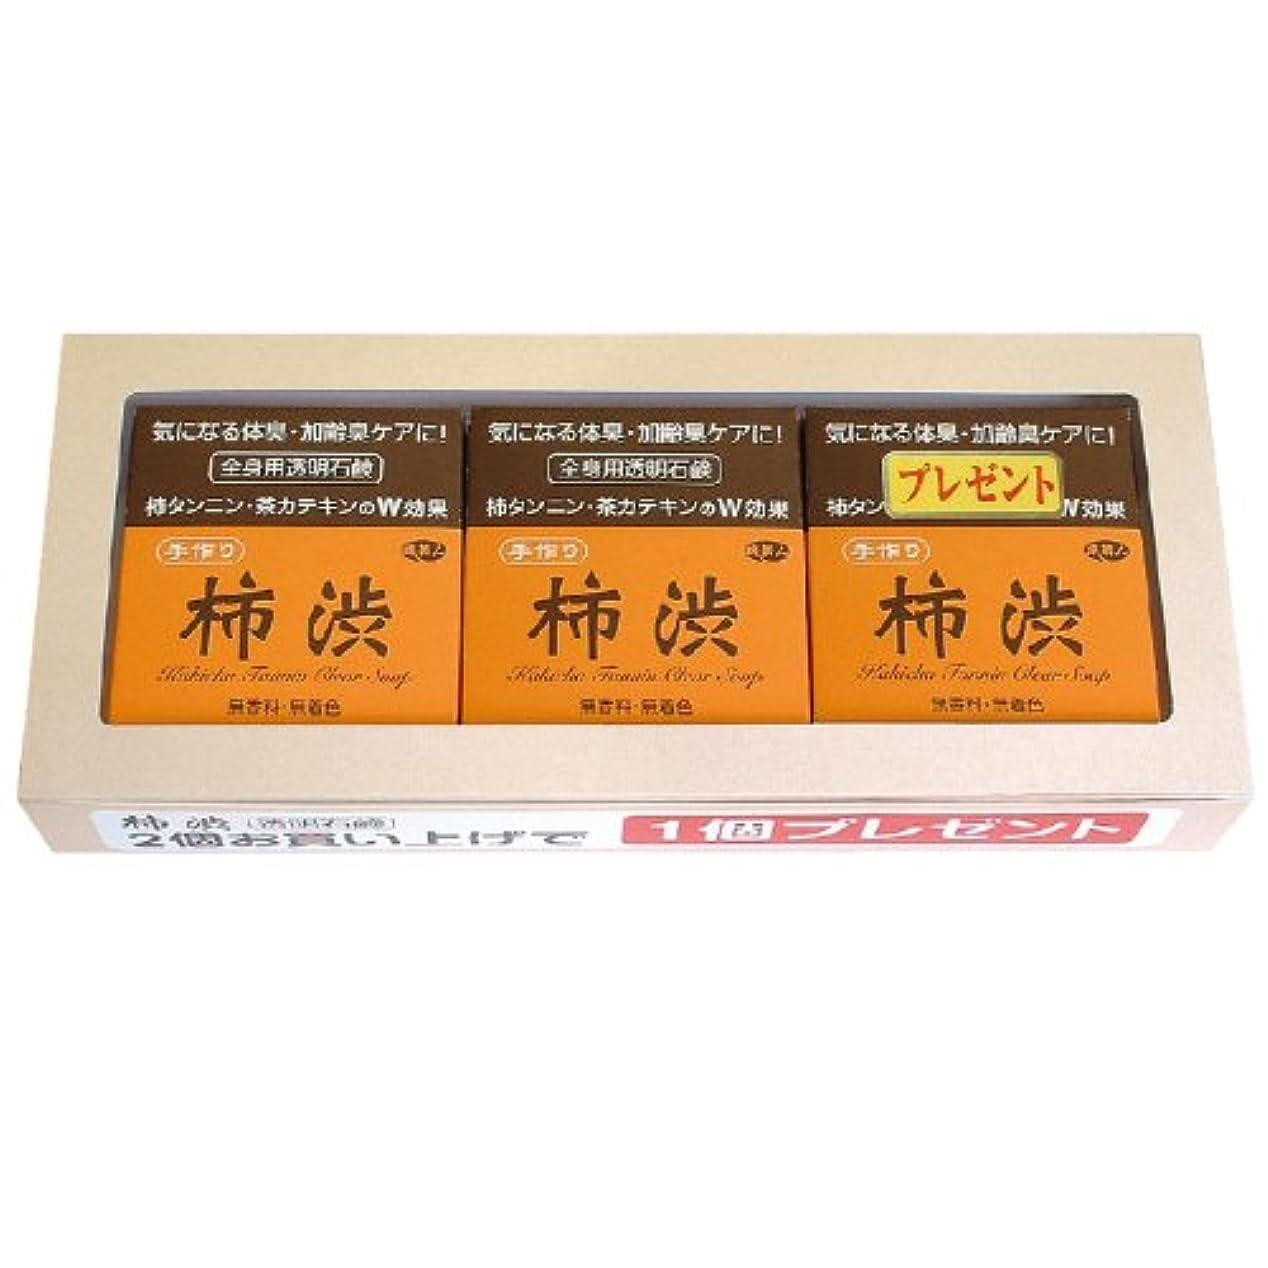 付属品わざわざ解くアズマ商事の 柿渋透明石鹸 2個の値段で3個入りセット